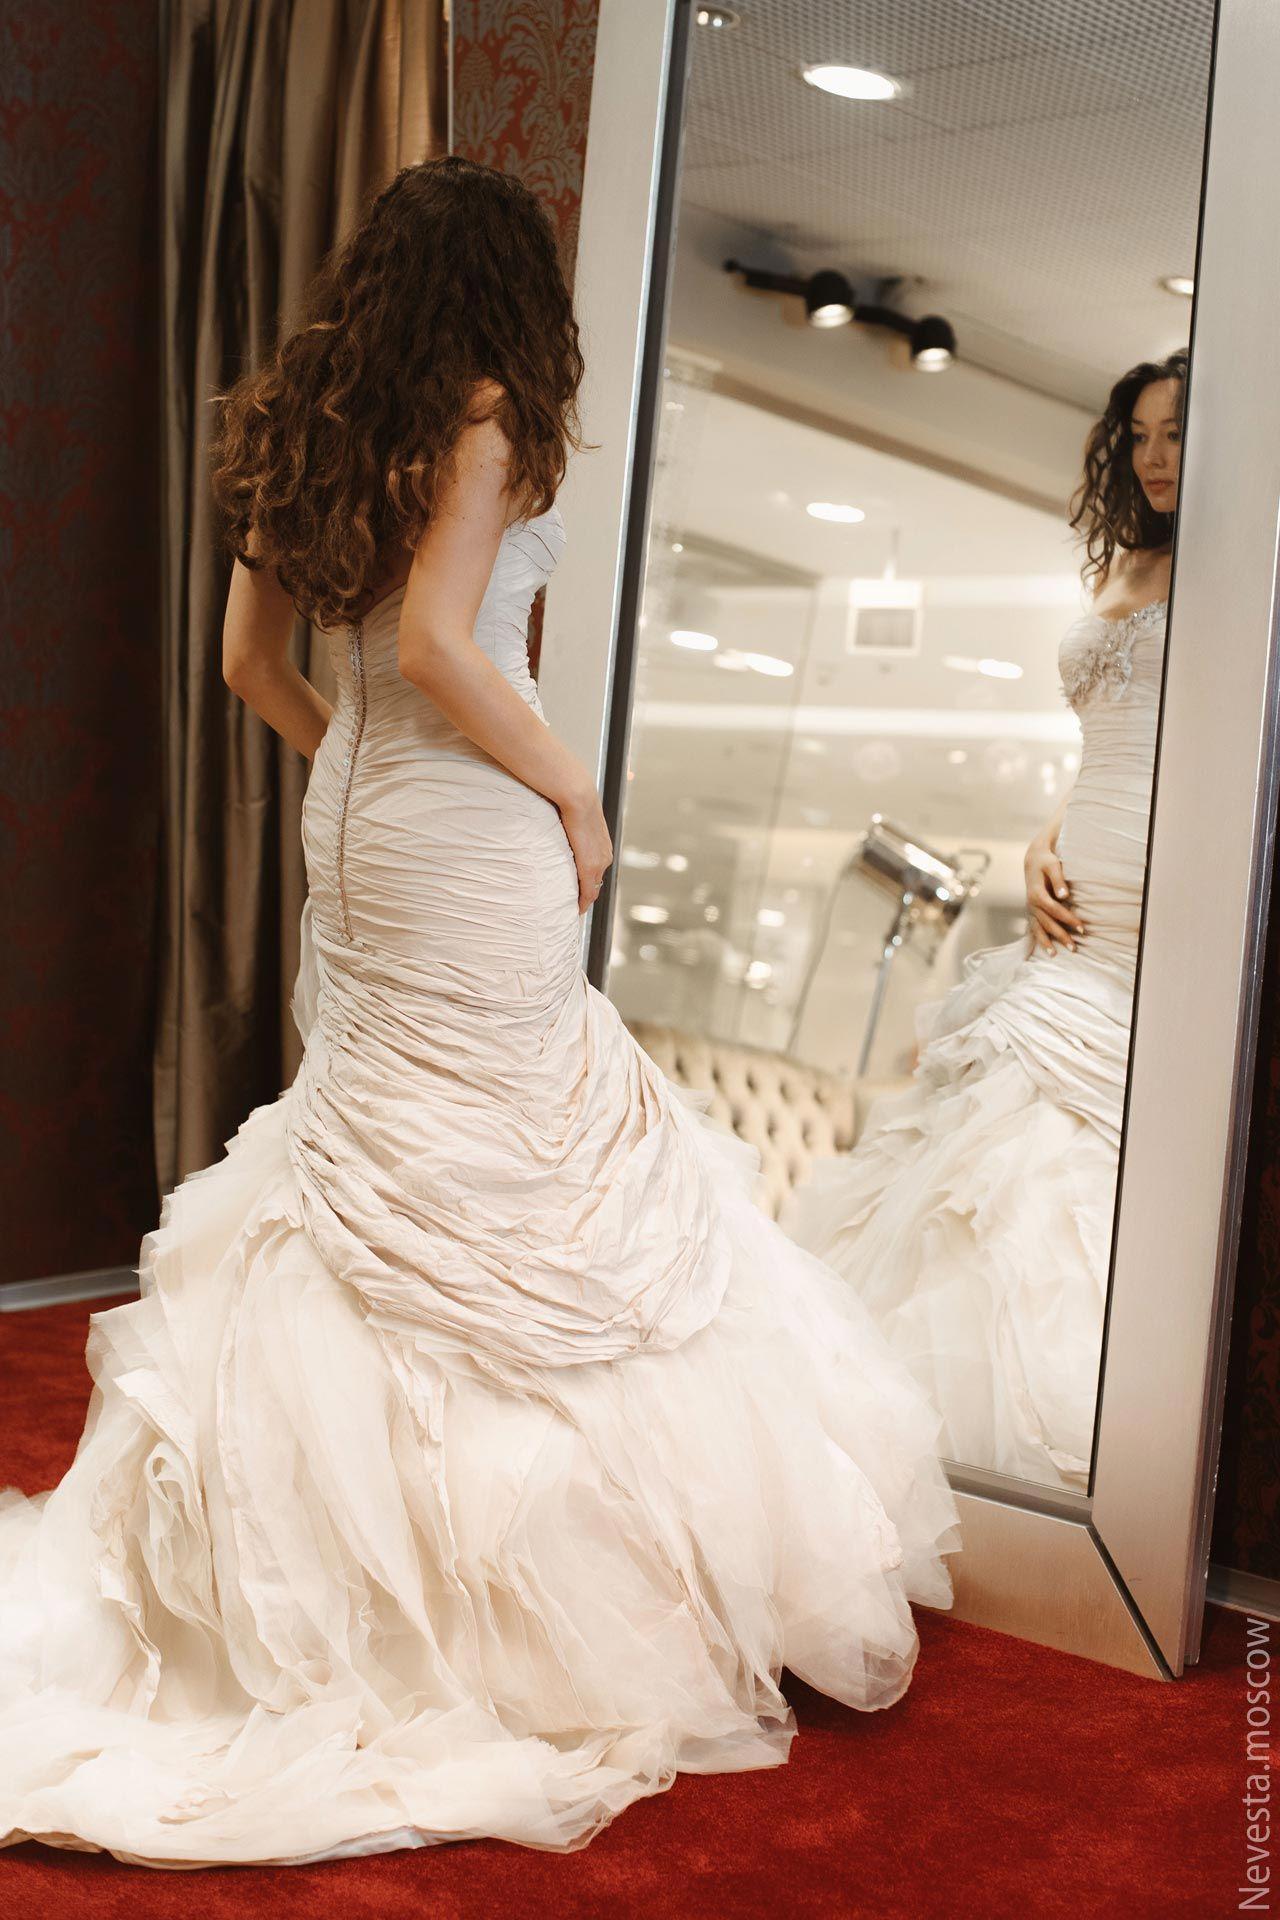 Рената Байкова примеряет свадебное платье фото 7